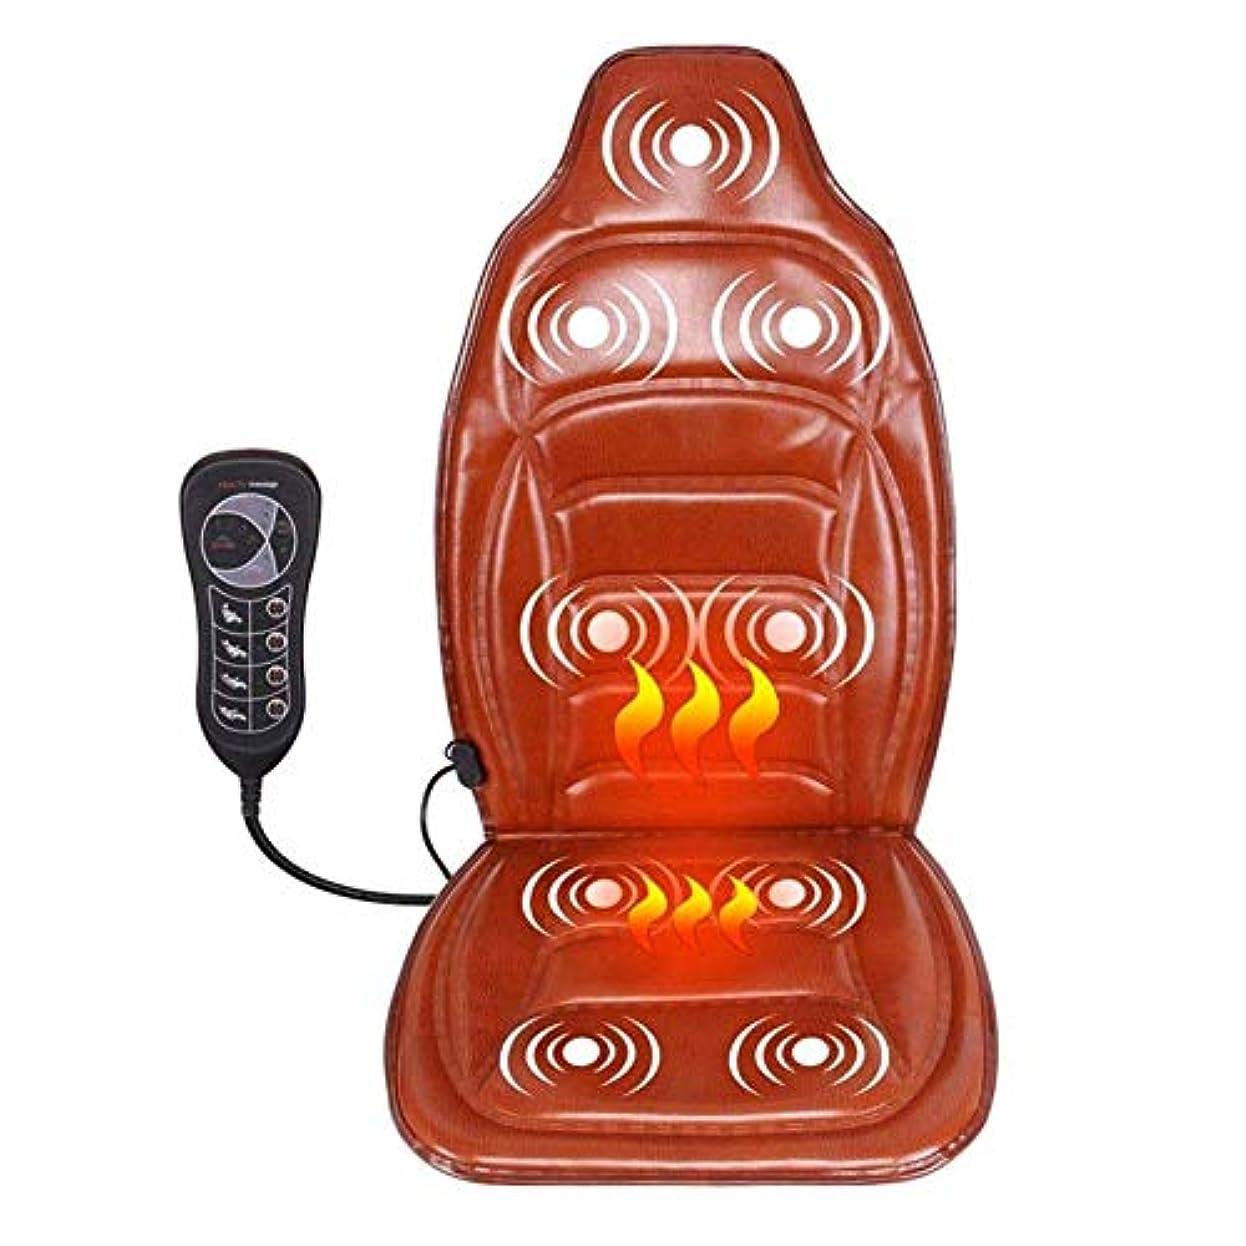 差別パラメータ可動12Vカーシート加熱クッション、全身加熱マッサージ器電動ポータブル、加熱バイブレーターバックマッサージチェアチェアホームオフィス腰椎首の痛み緩和マッサージクッションパッドシート,B